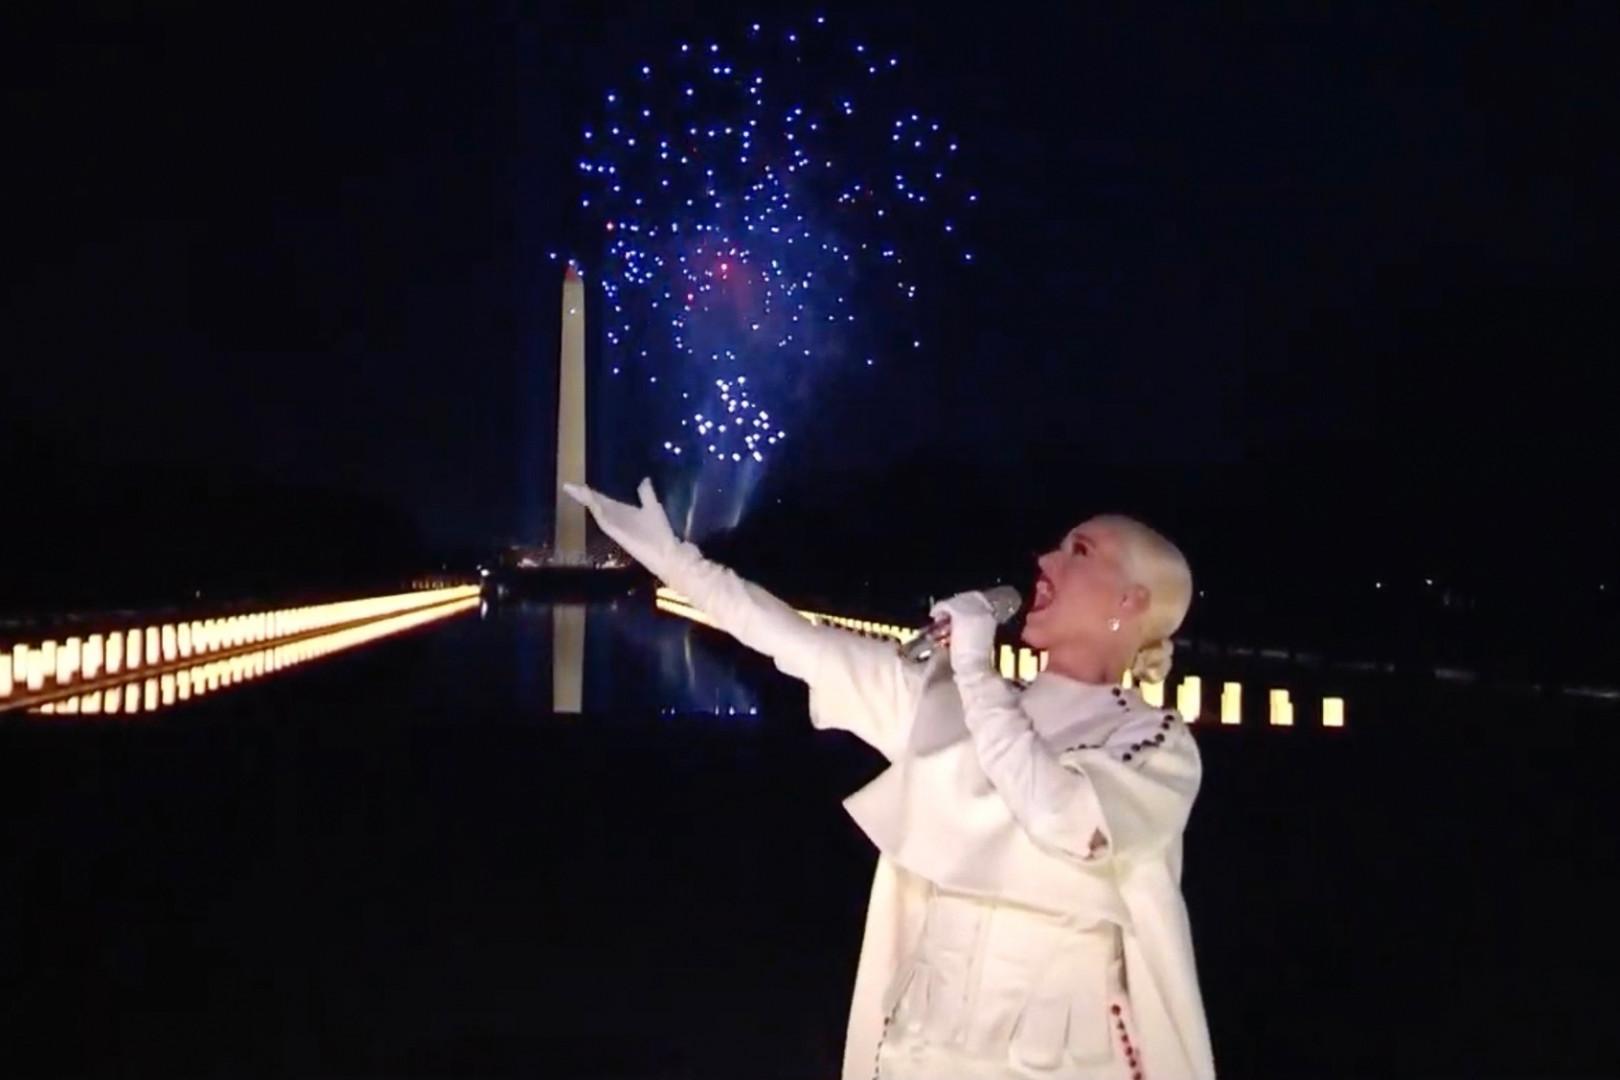 """Clou du spectacle donné en l'honneur du nouveau président, la chanteuse Katy Perry a lancé un feu d'artifice grandiose, avec un titre d'à propos """"Firework"""""""